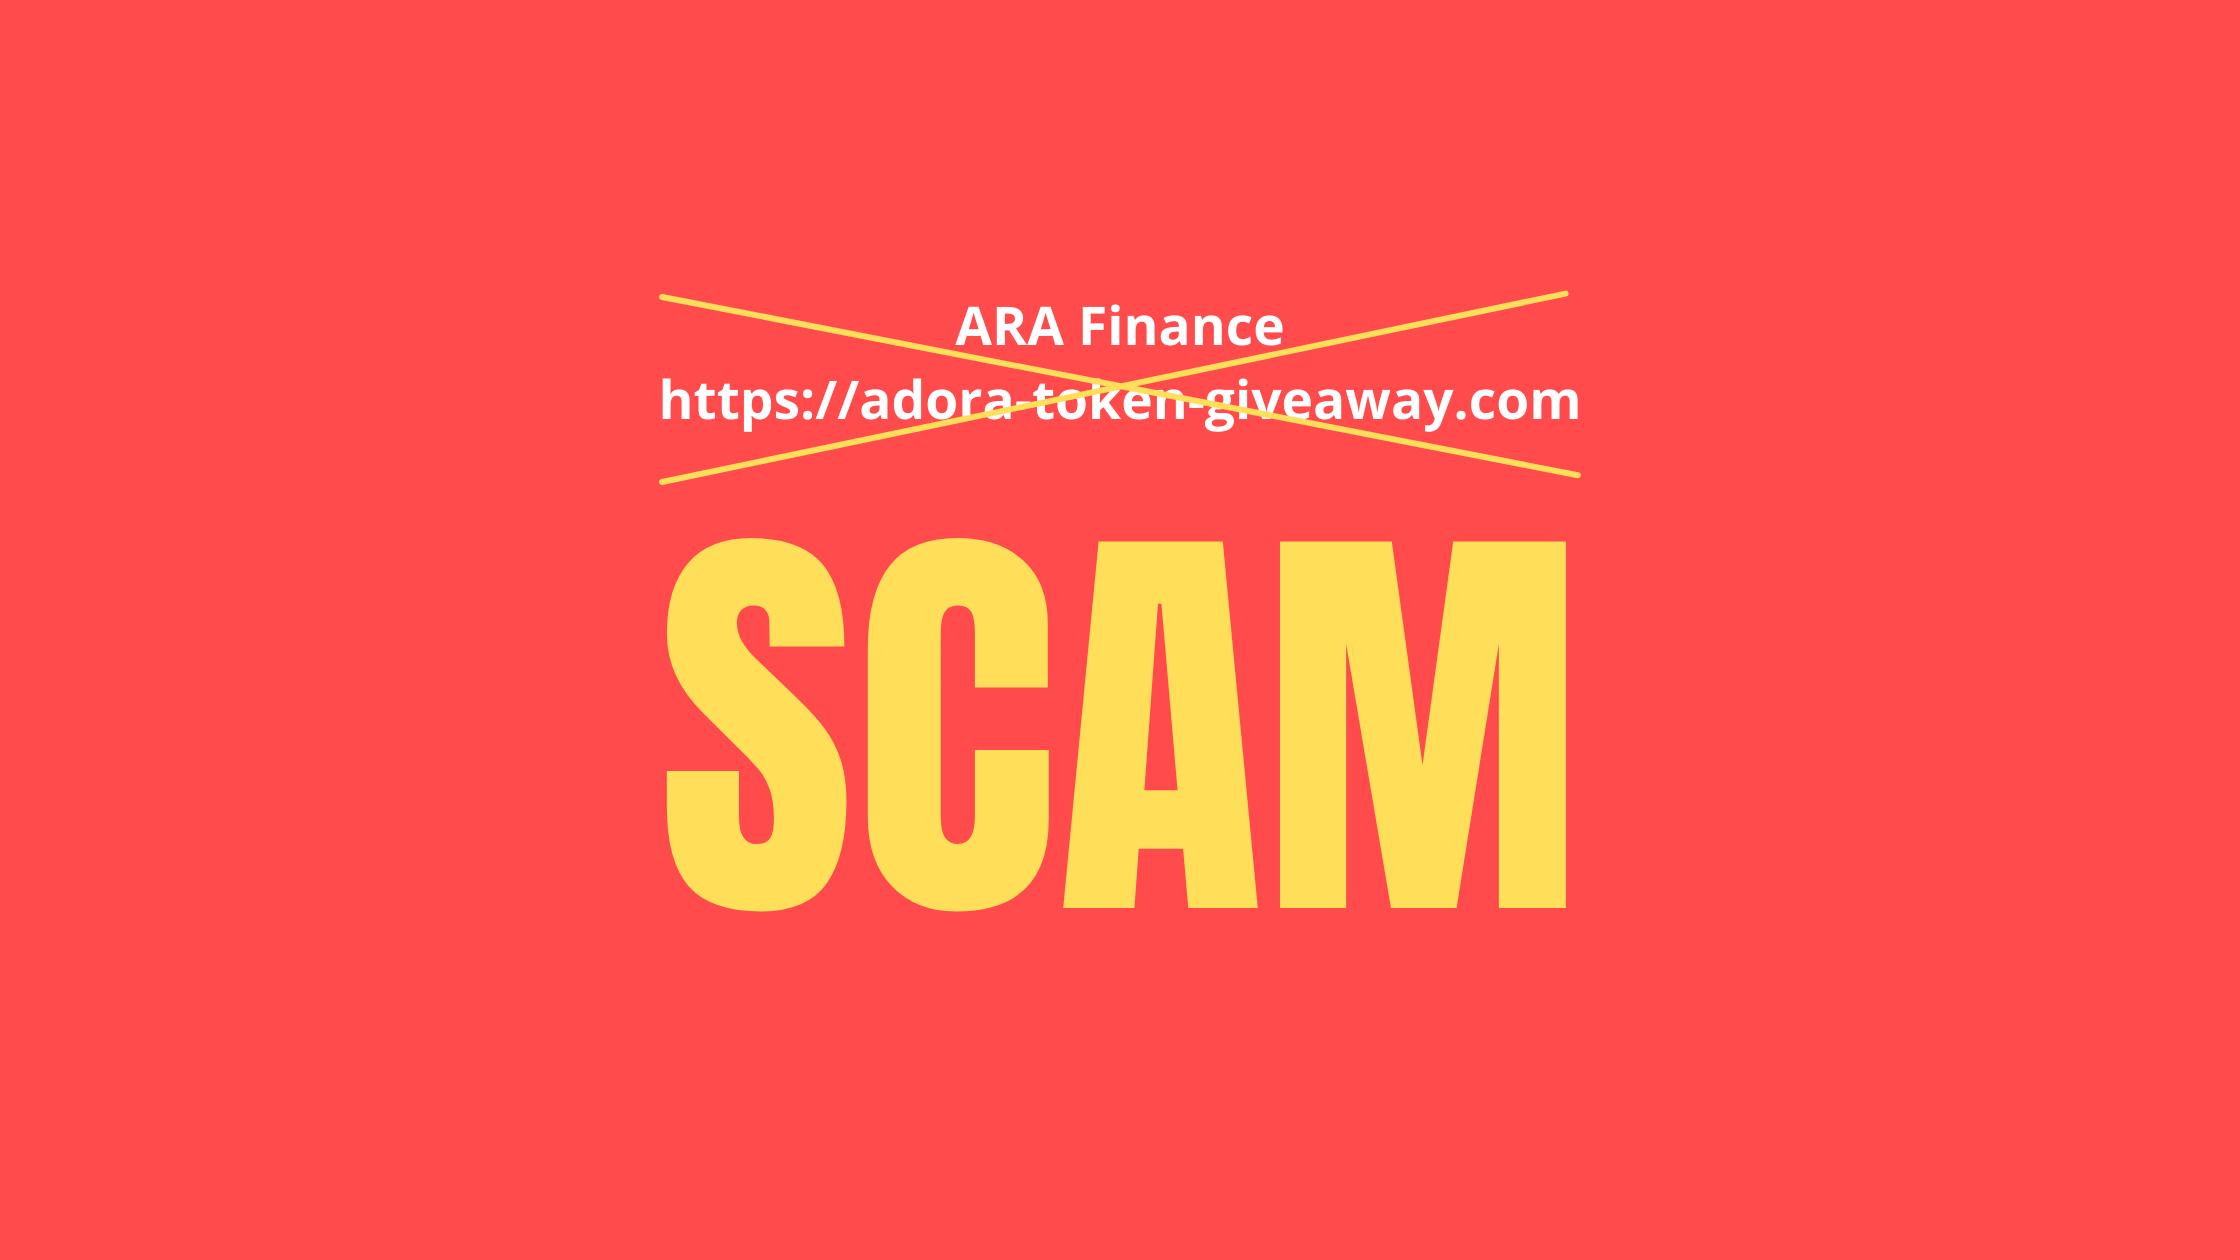 Adora_News/yxgmptmxifjaynlqqteg